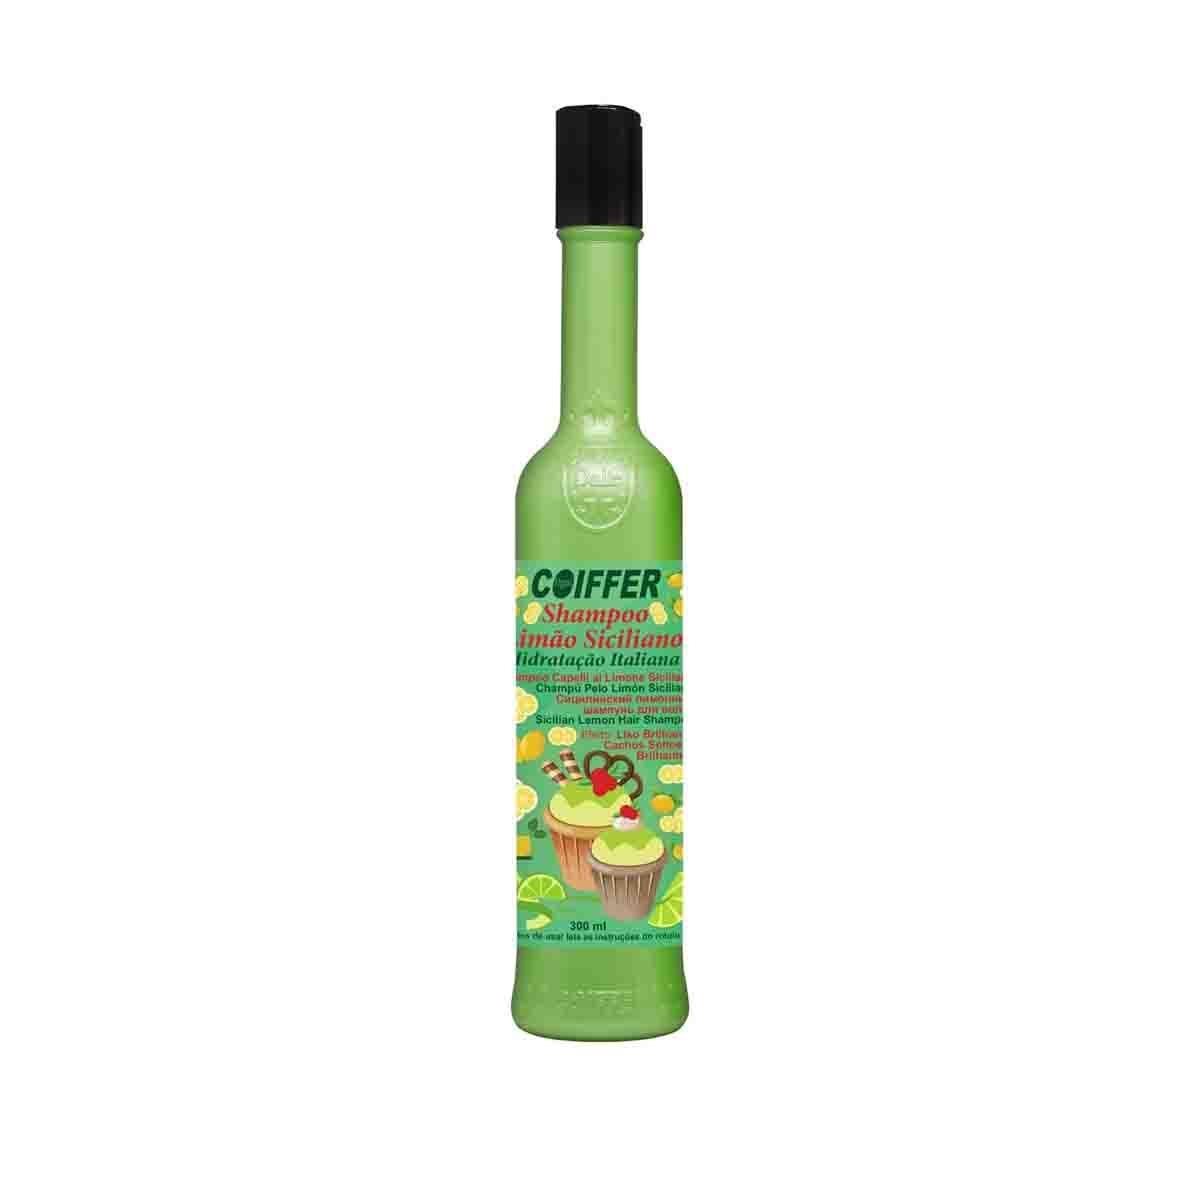 Shampoo para Cabelos  Limão Siciliano Coiffer 300ml